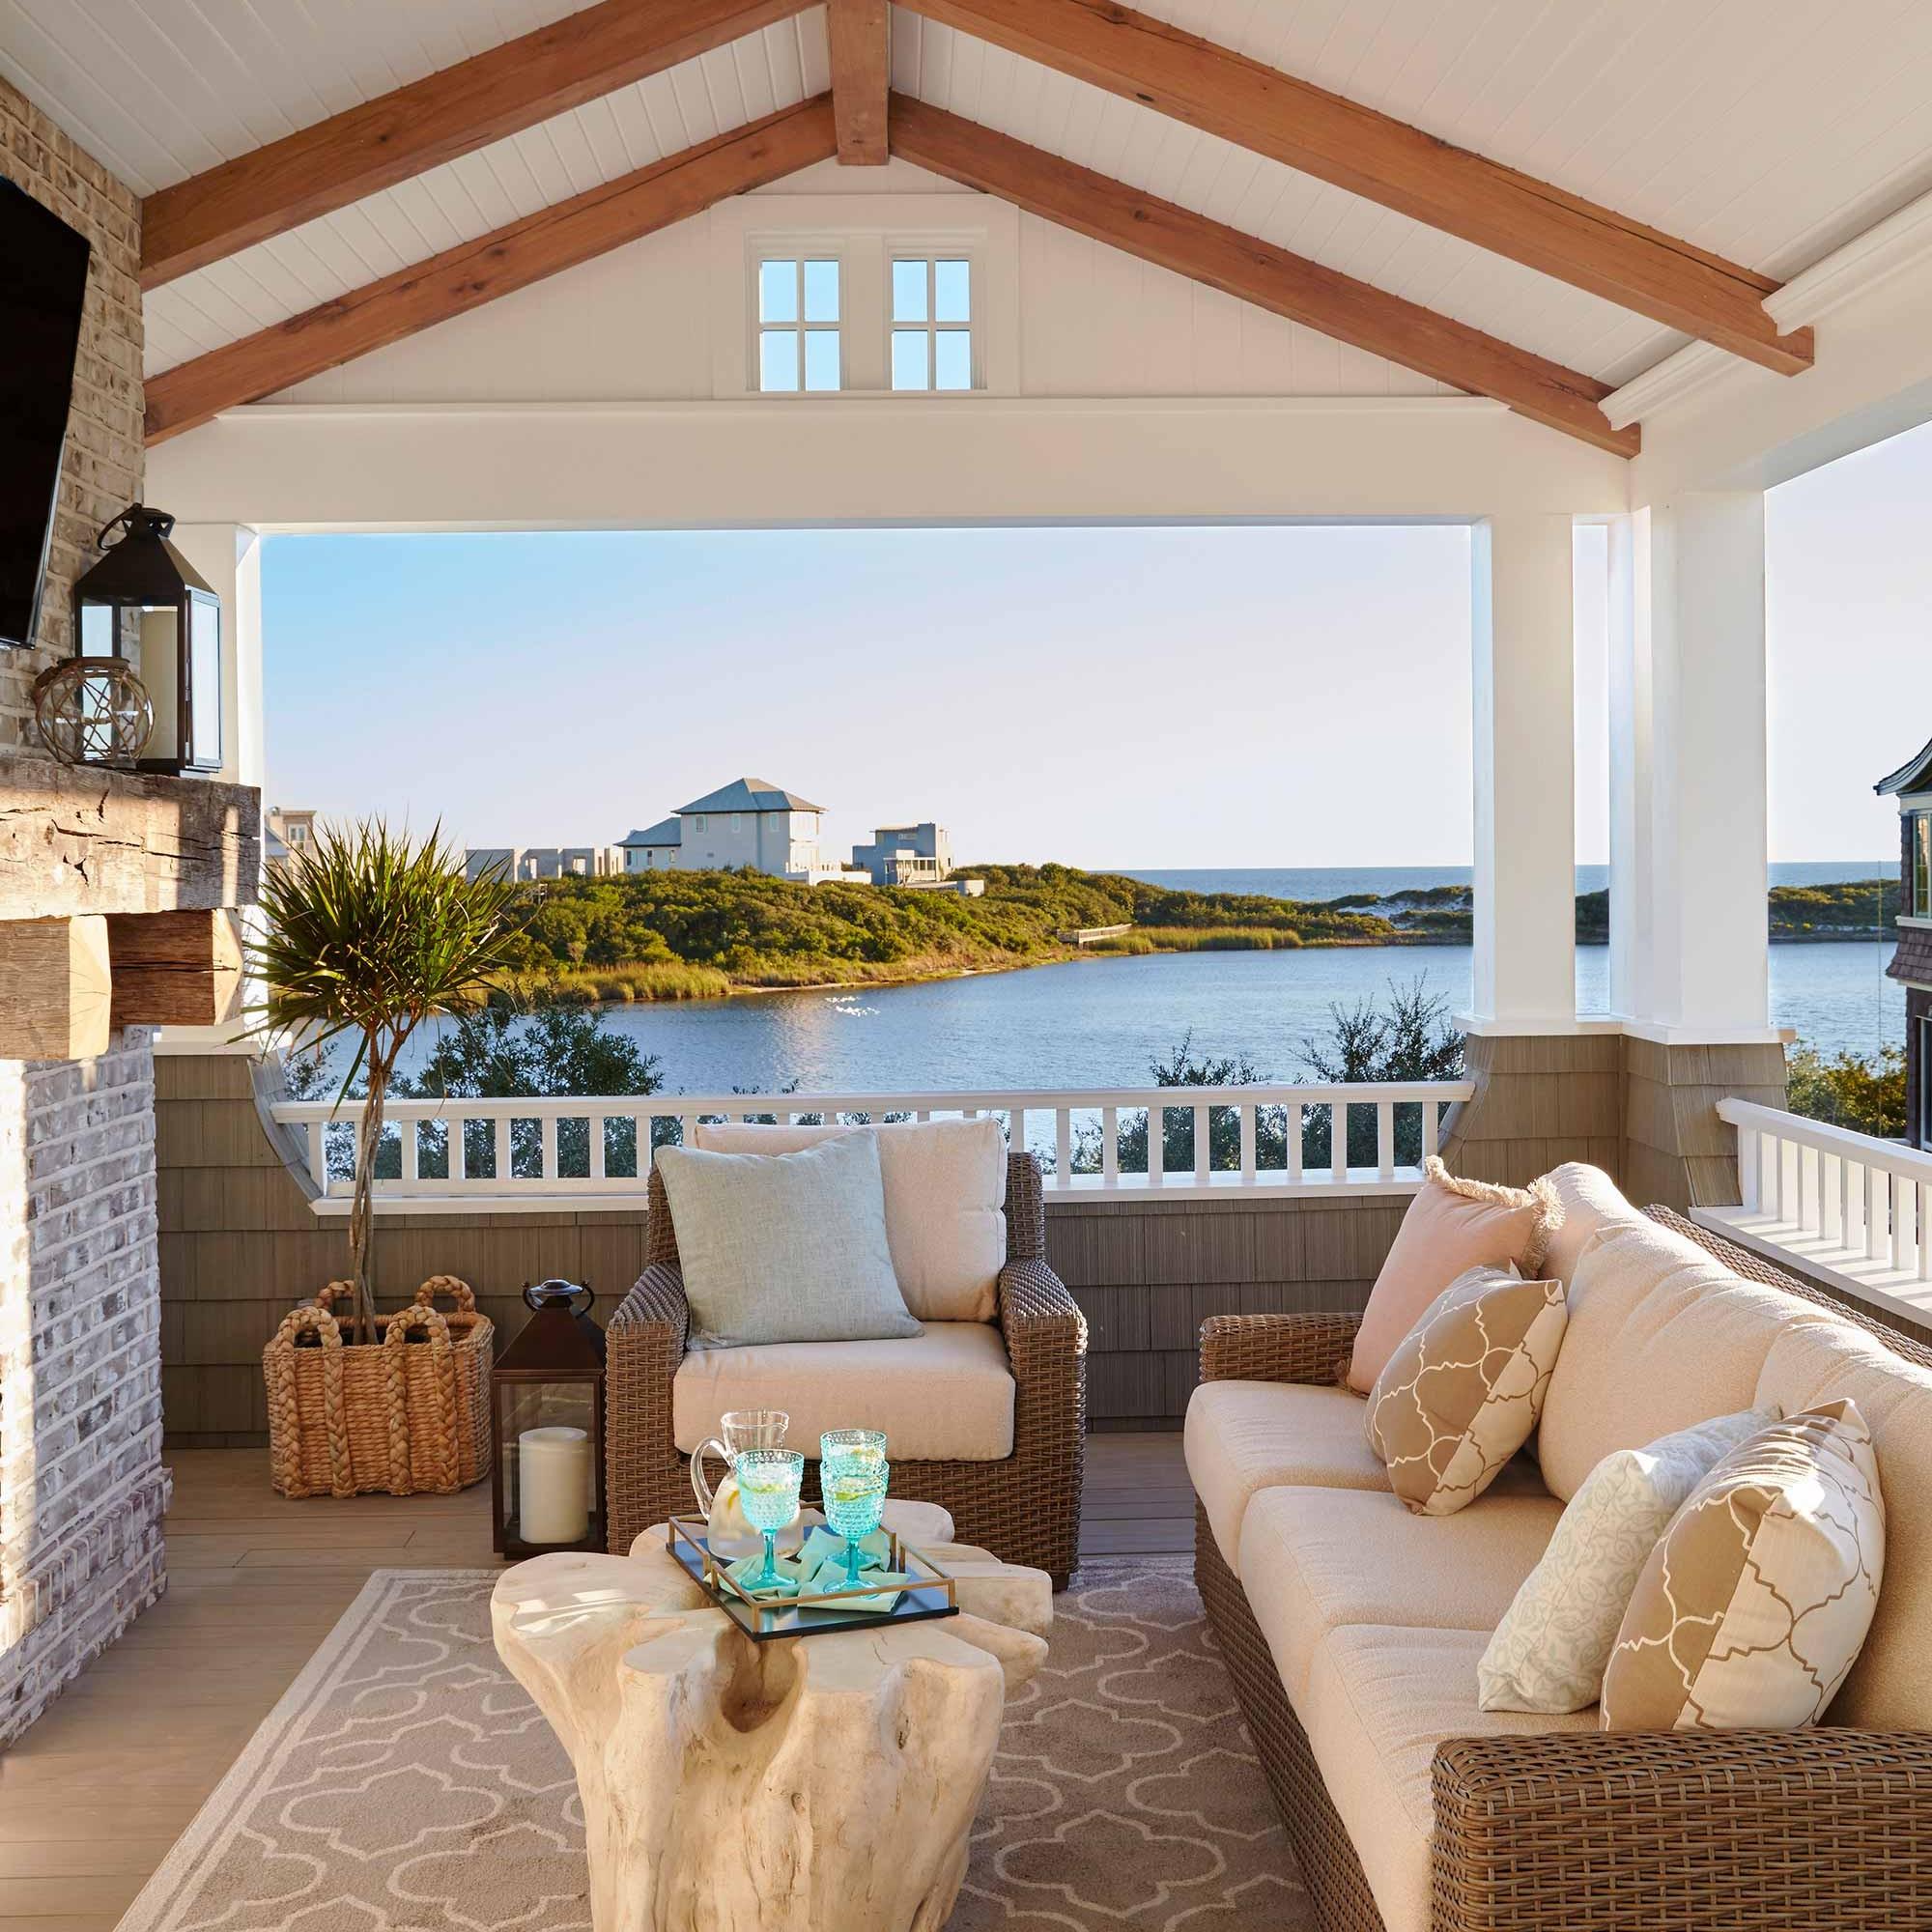 Watersound beach house patio interior design by Darci Hether New York